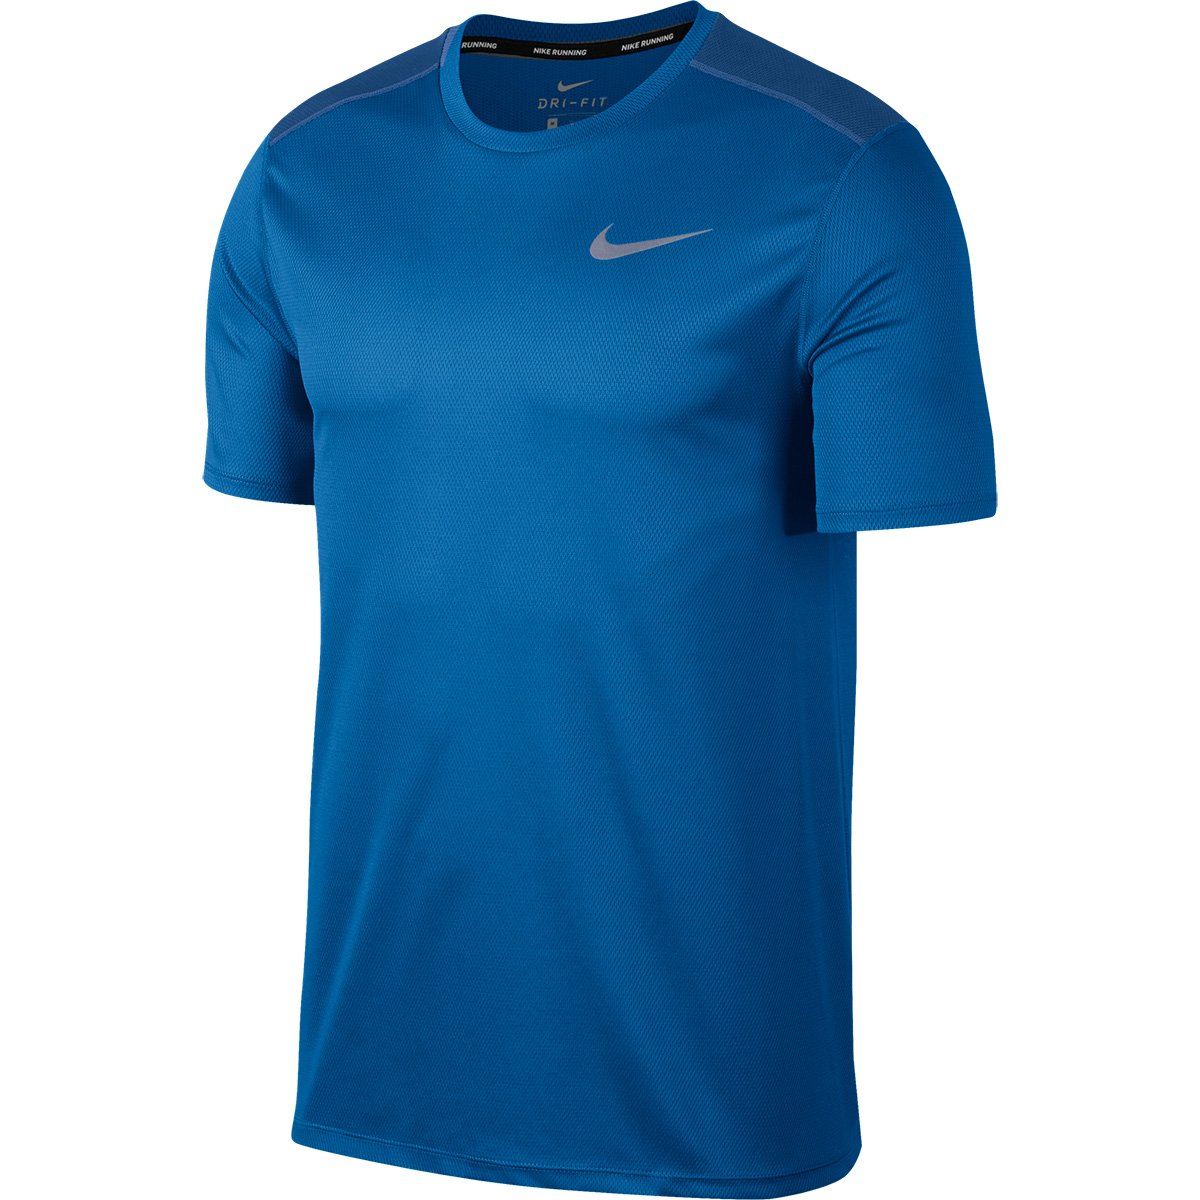 48ea40ee90a4a Camiseta Nike Run Ss Masculina - Azul e Azul claro - Compre Agora ...